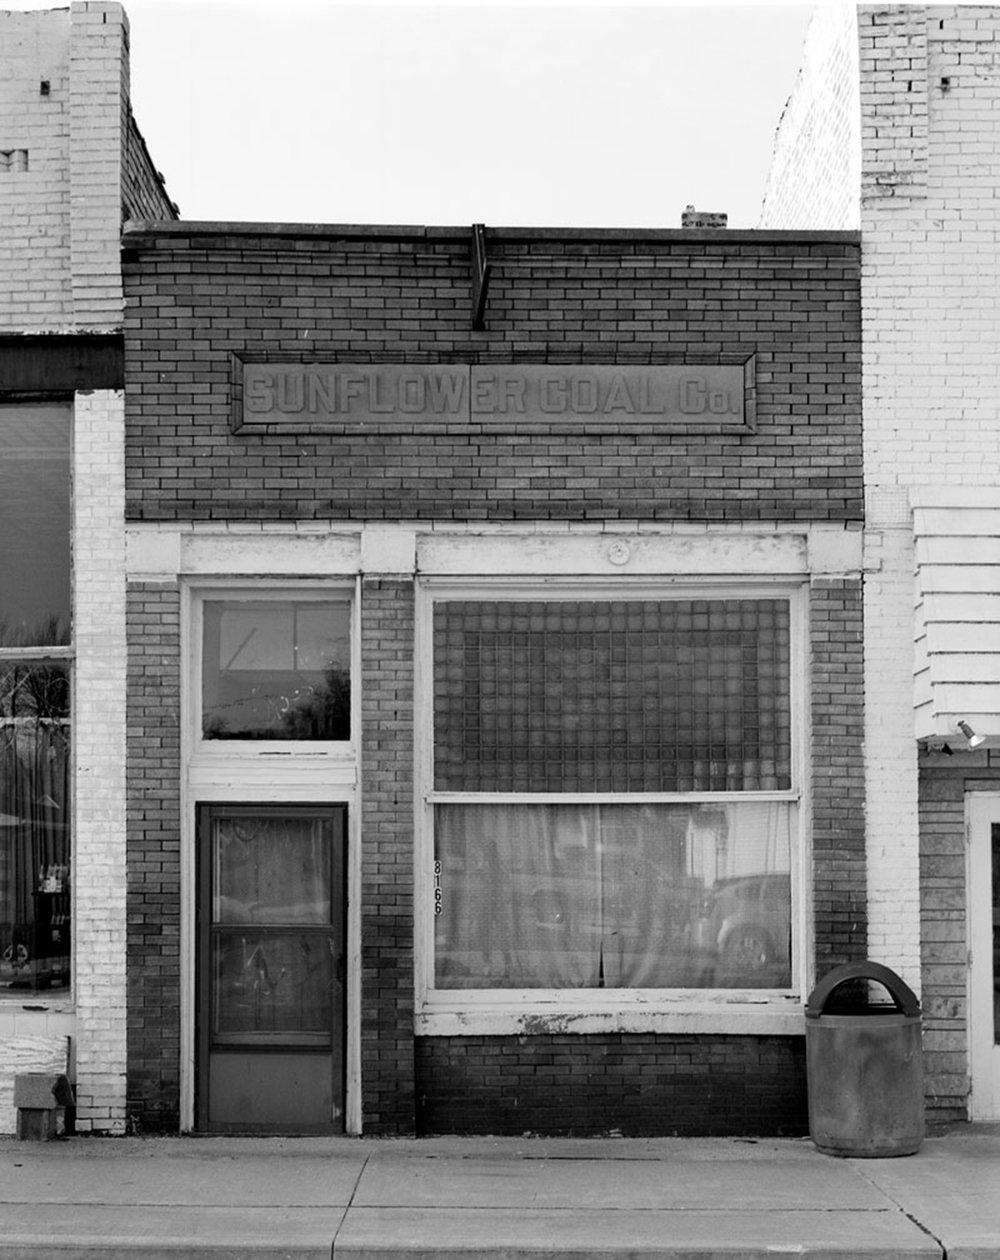 fasad.jpg